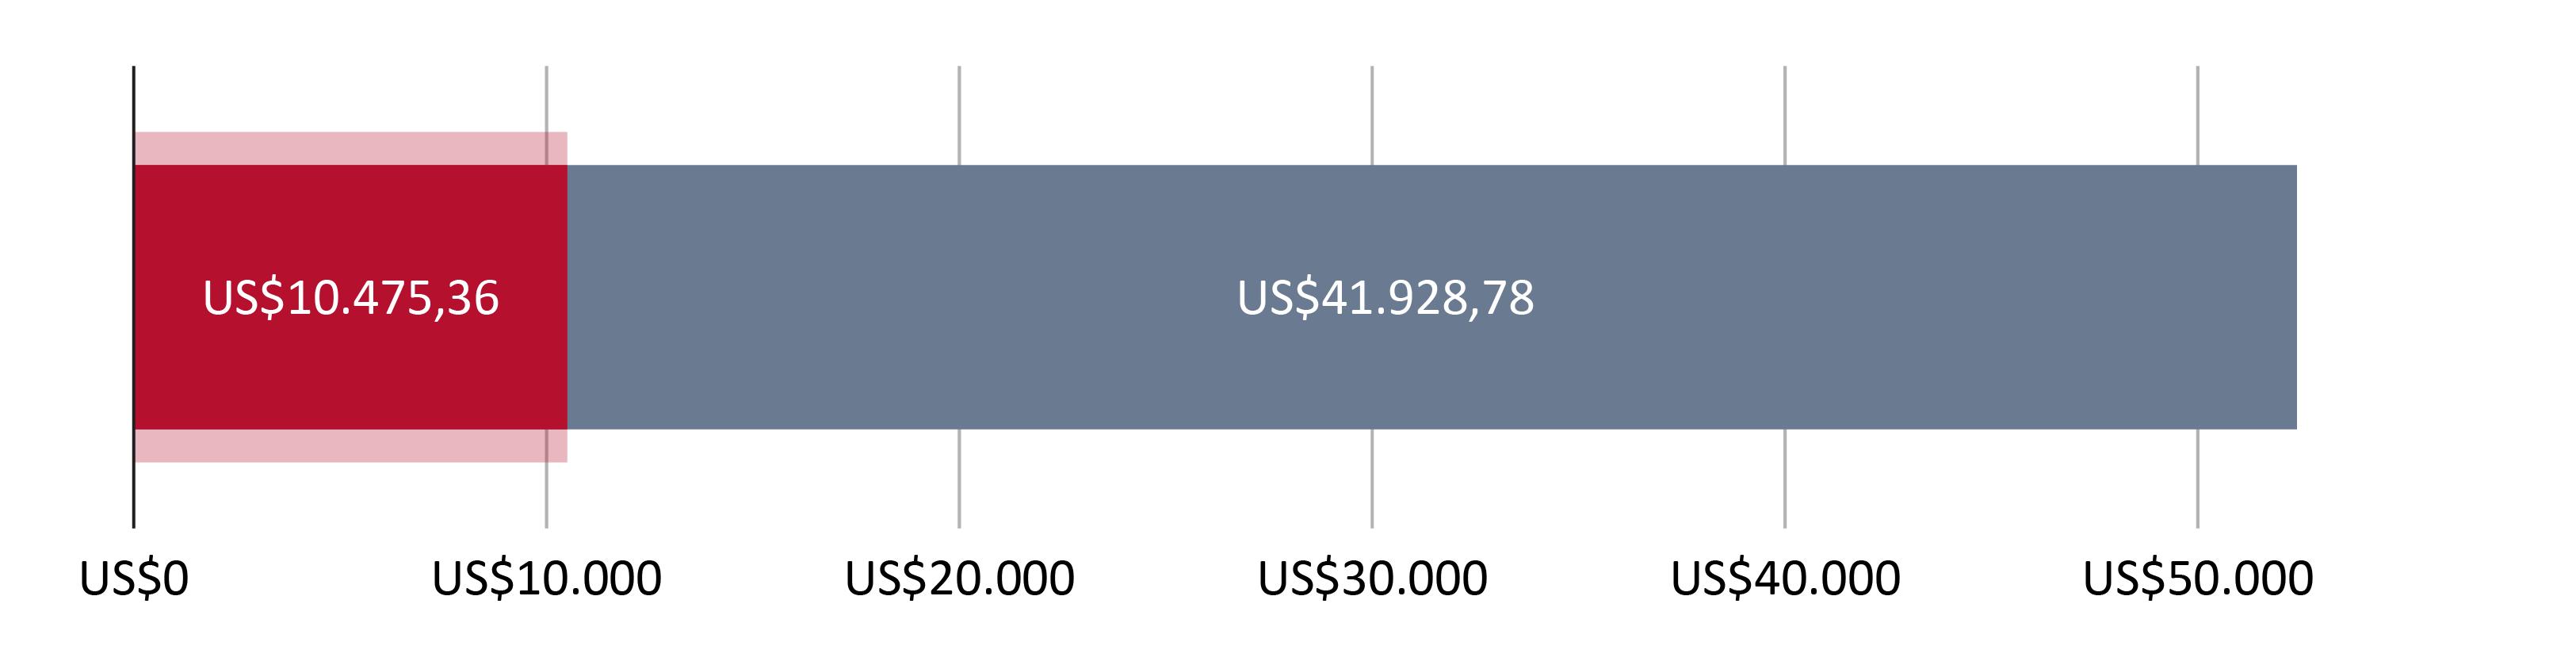 Digunakan US$10.475,36; tersisa US$41.928,78